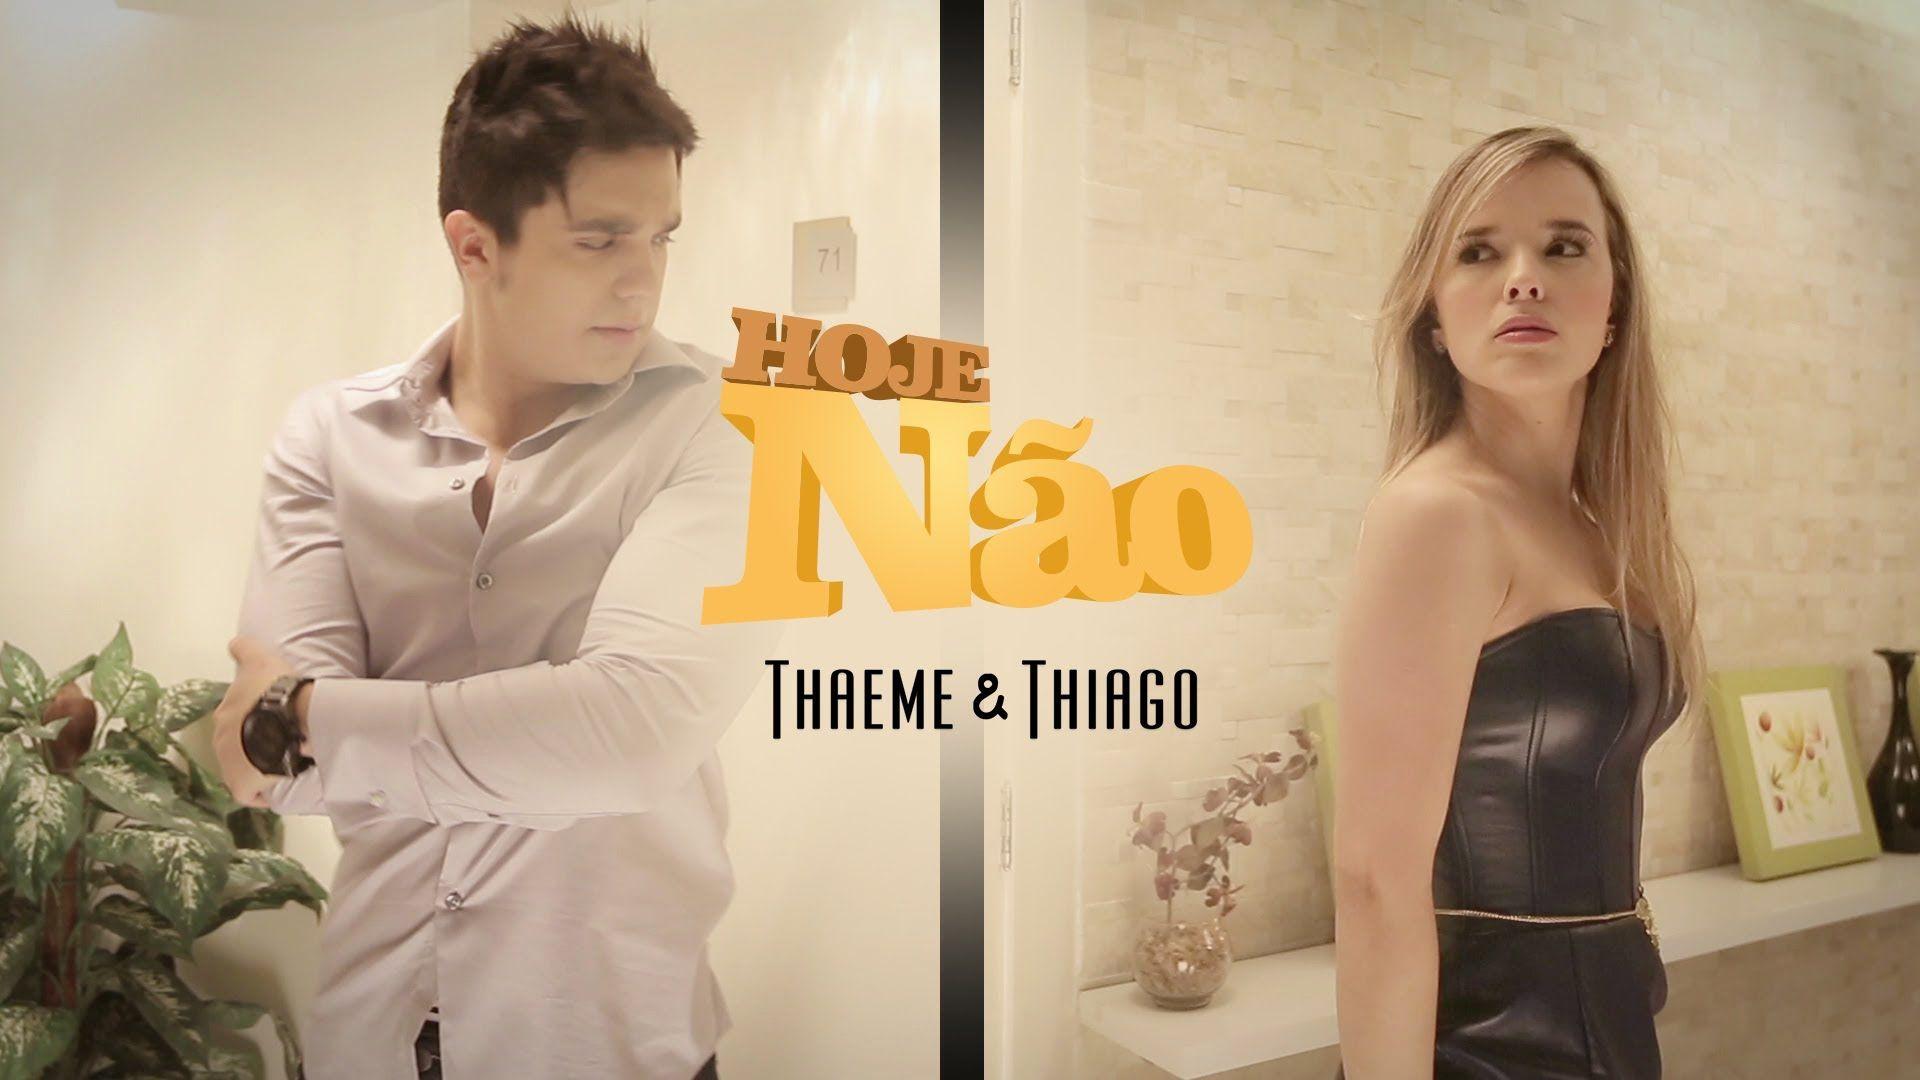 THIAGO PARA MUSICAS BAIXAR NAO HOJE DE THAEME E